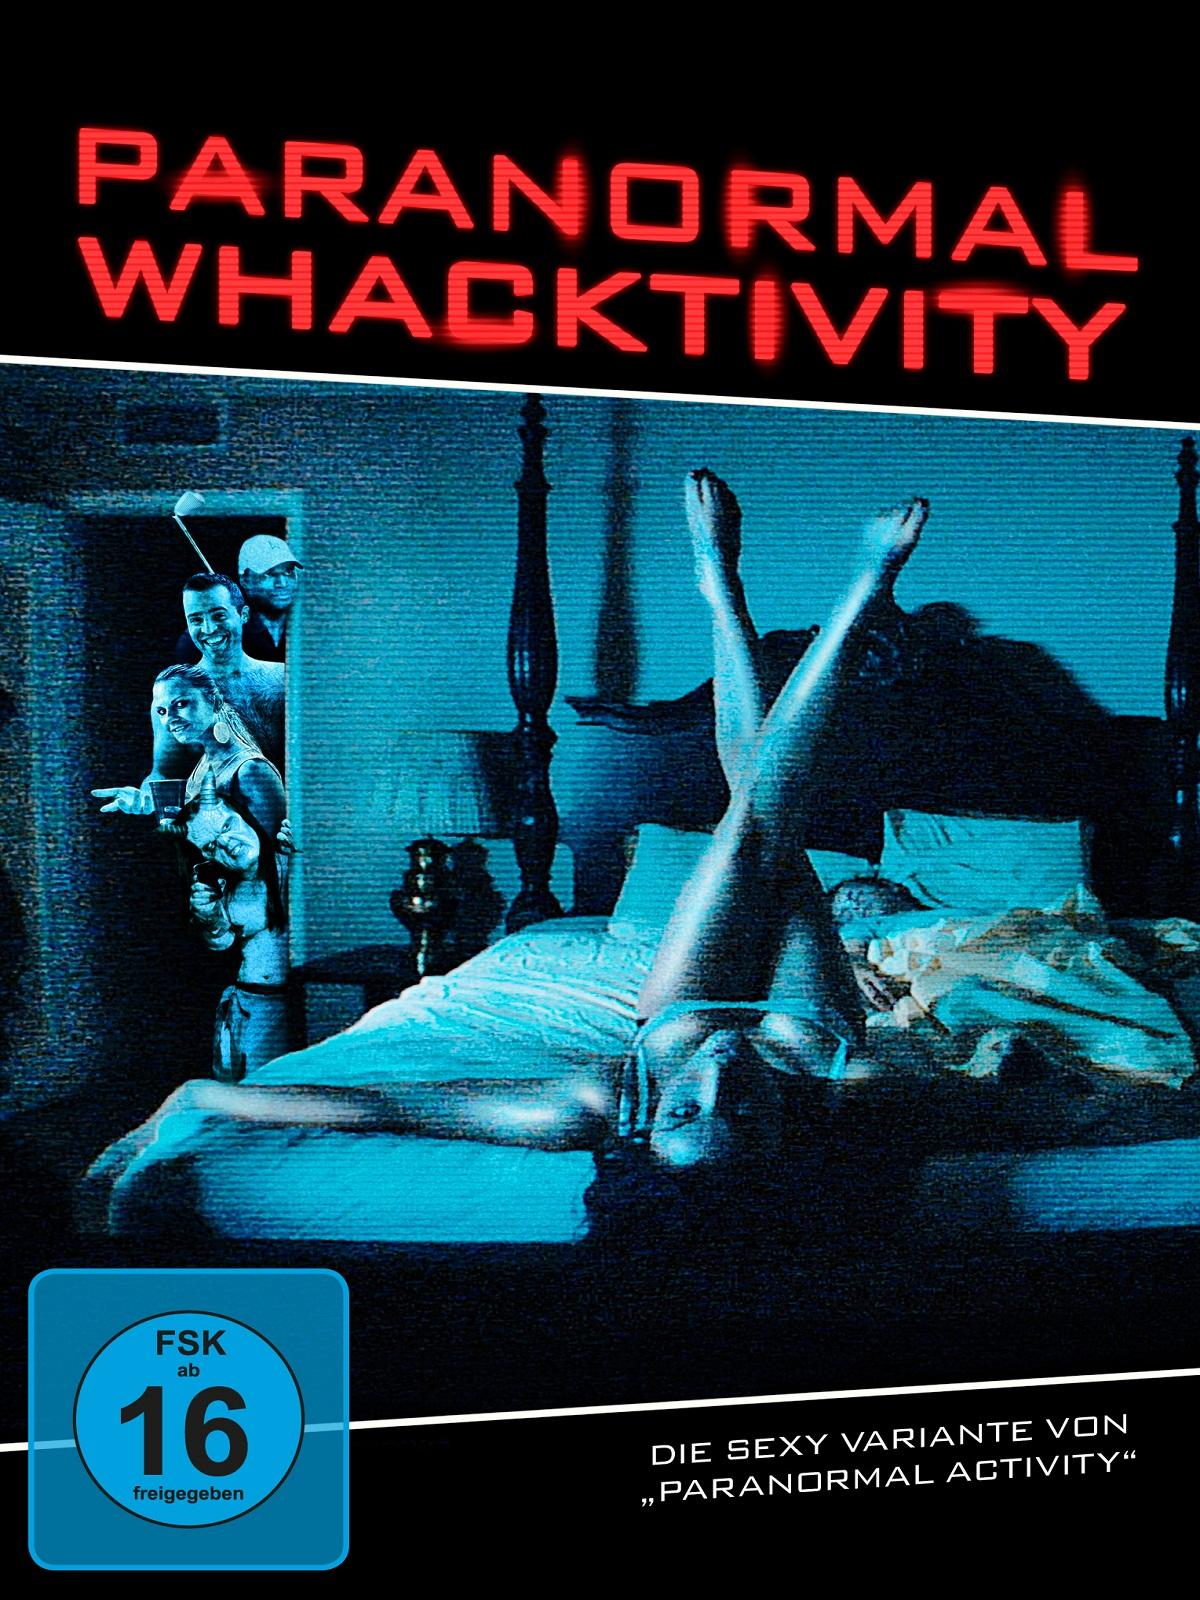 ძალიან პარანორმალური ფილმი / Paranormal Whacktivity (2013)